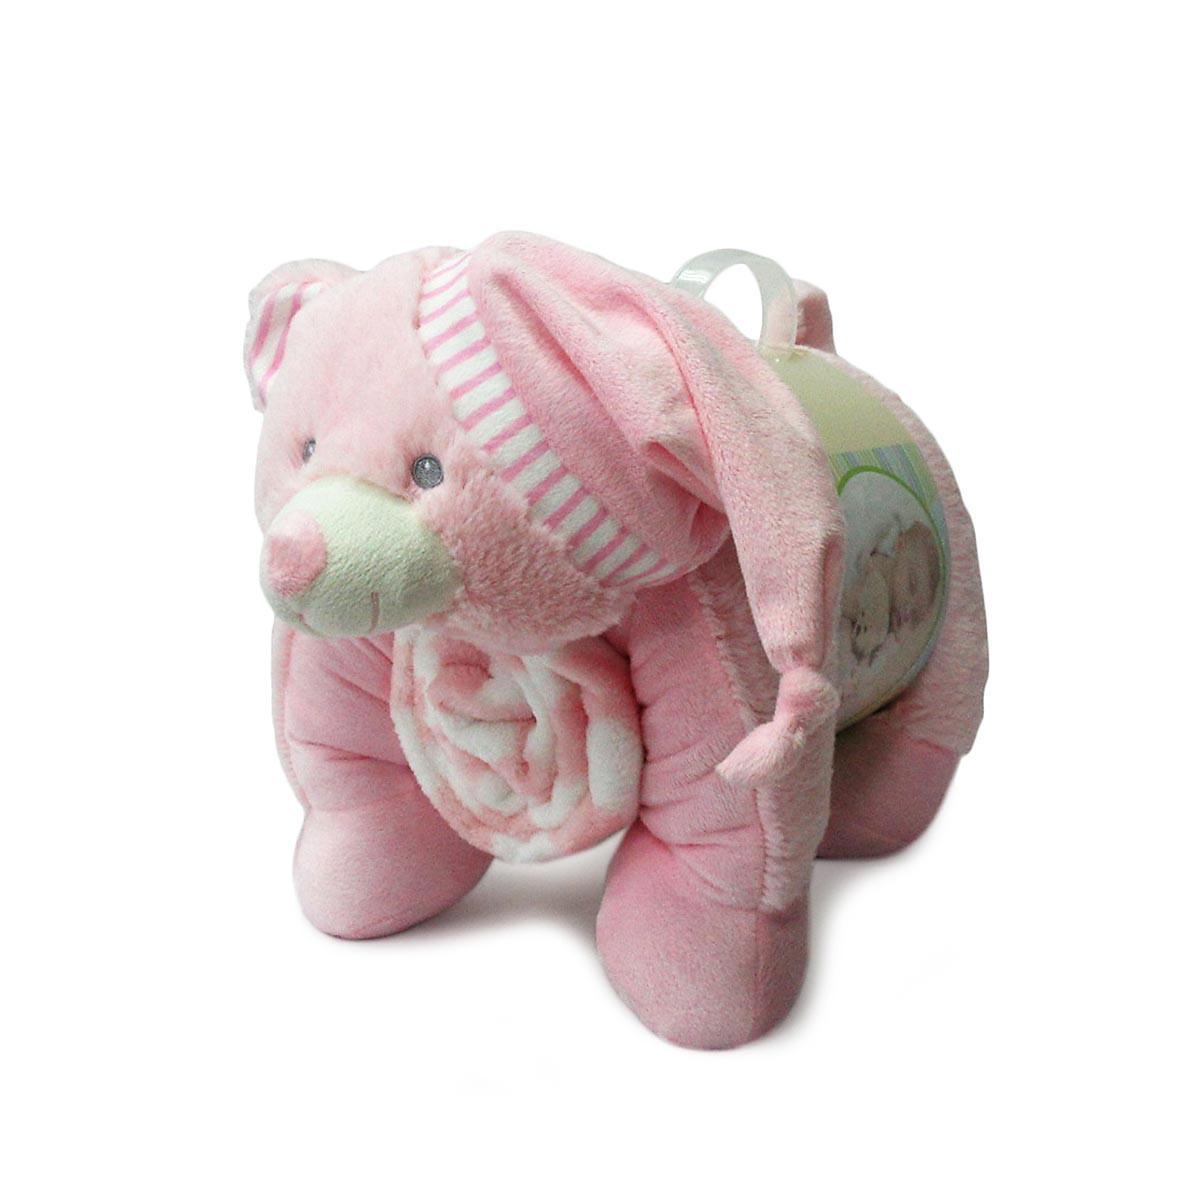 Κουβέρτα Fleece Αγκαλιάς DimCol Ελεφαντάκι 08 Ροζ